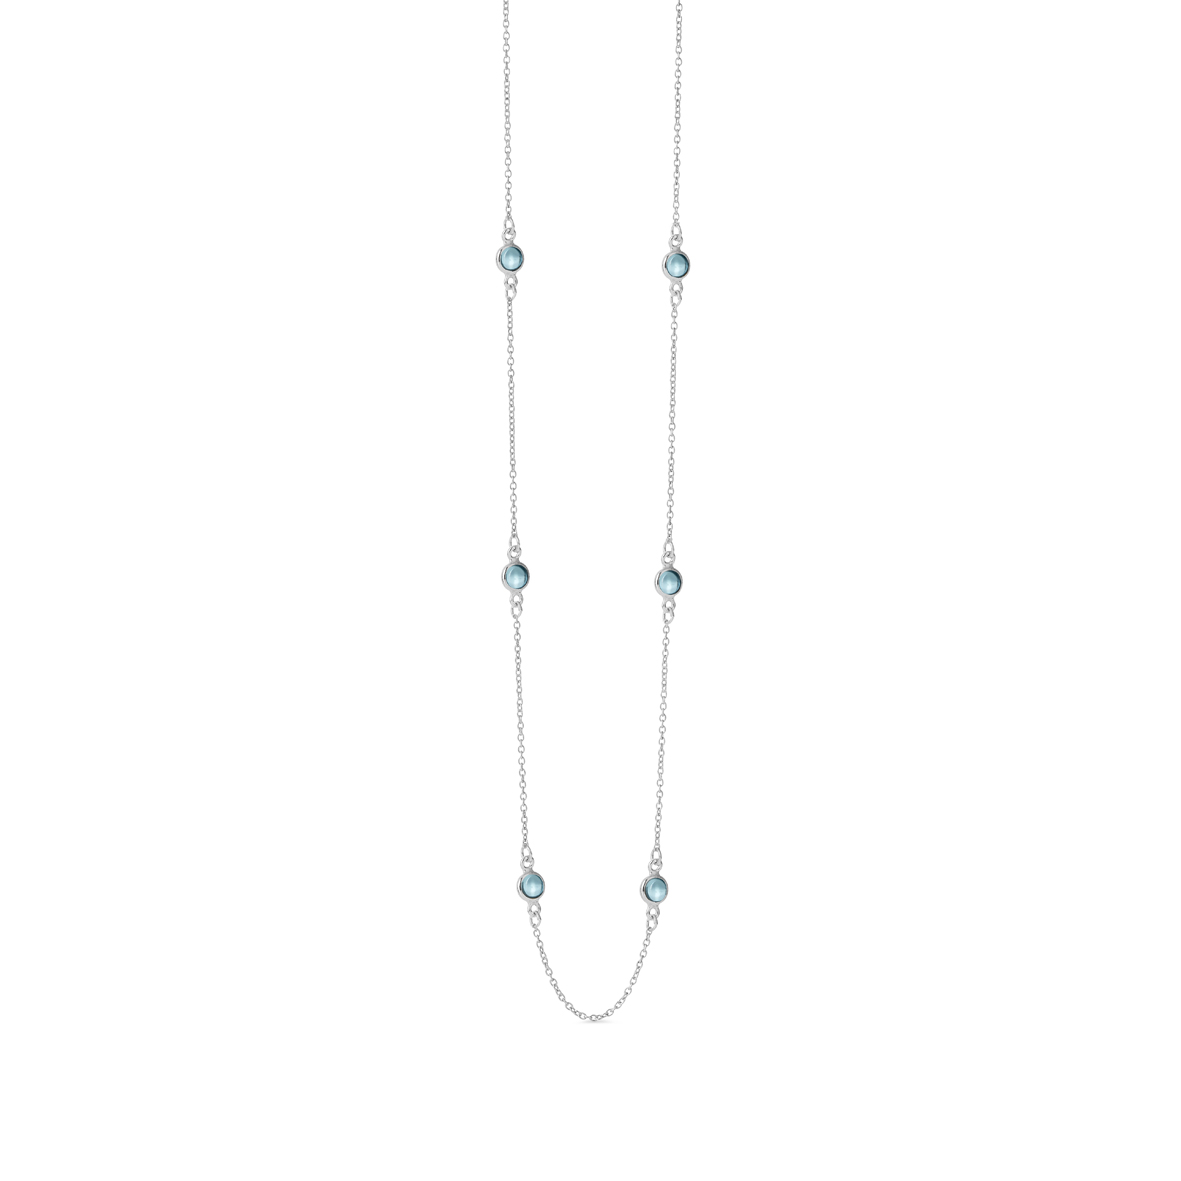 Sterling Sølv Halskæde fra Susanne Friis Bjørner med Blå Krystal